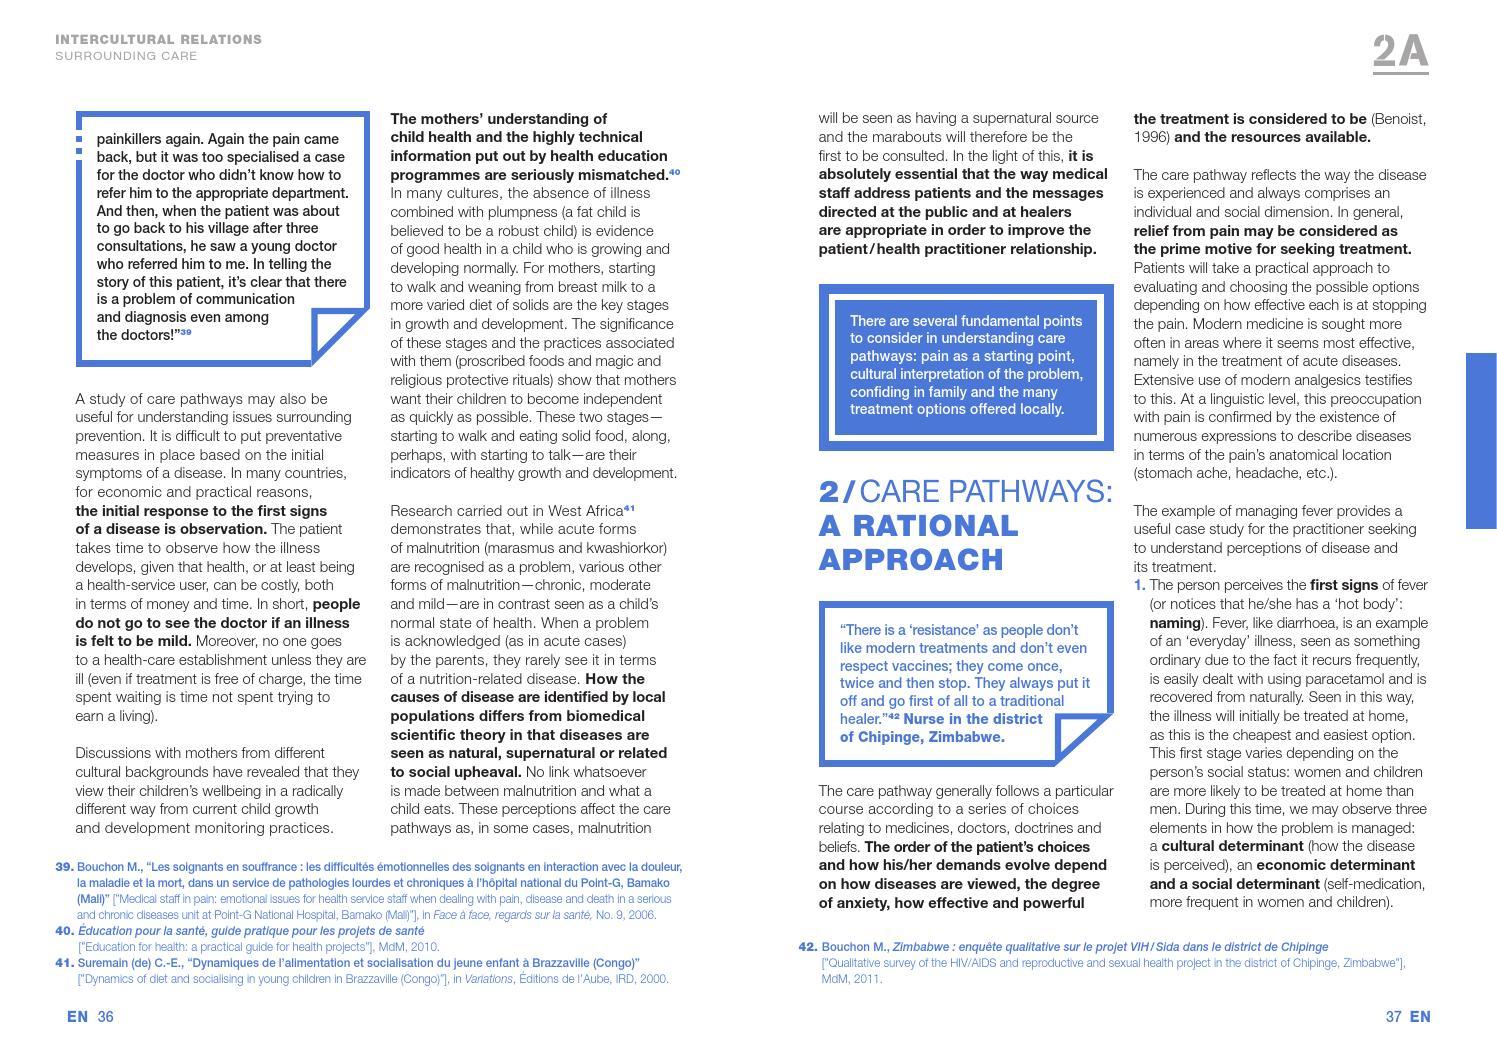 Access to healthcare socio cultural determinants mdm pdf by Médecins